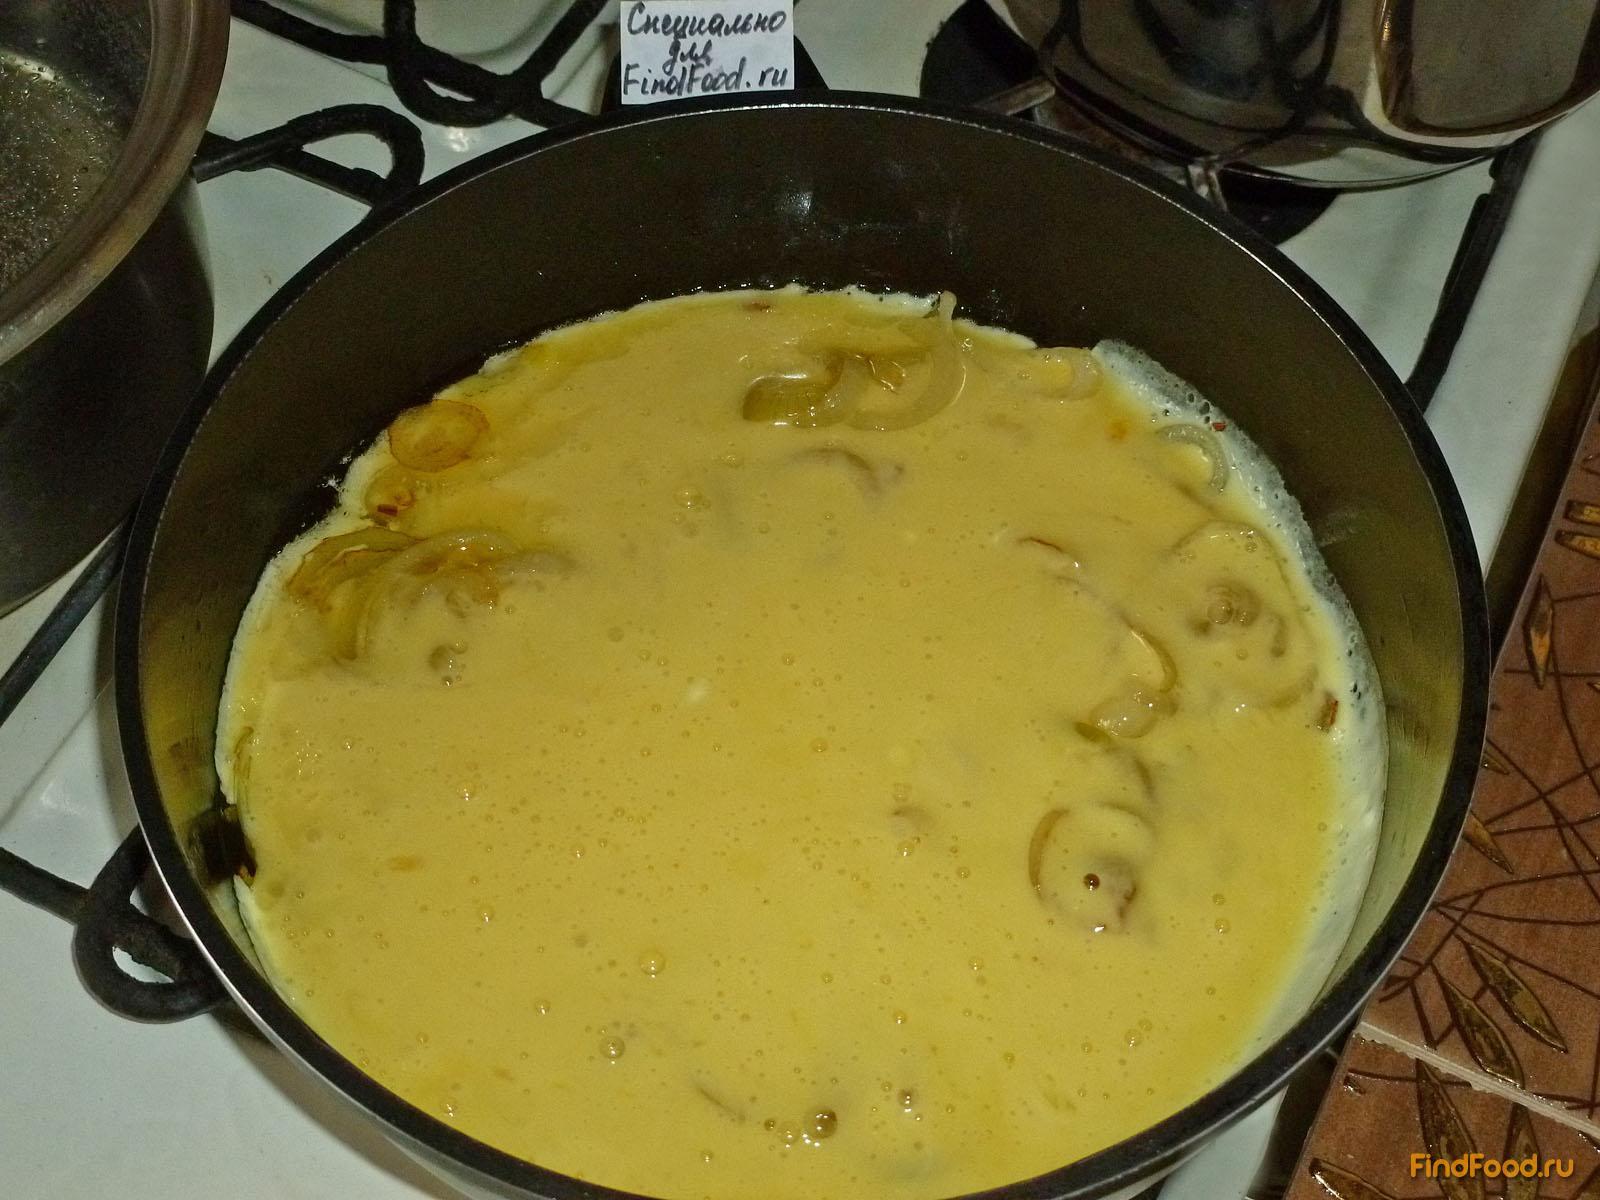 Домашний омлет рецепт пошагово